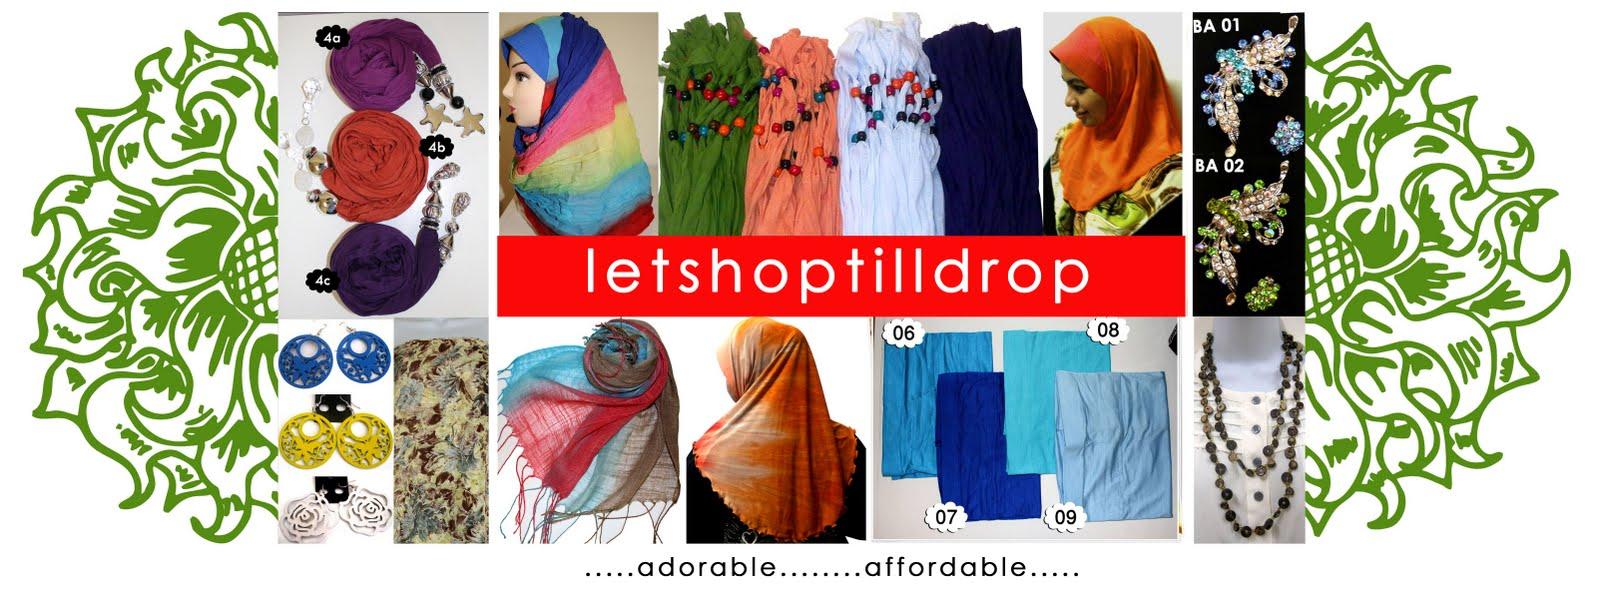 letshoptilldrop